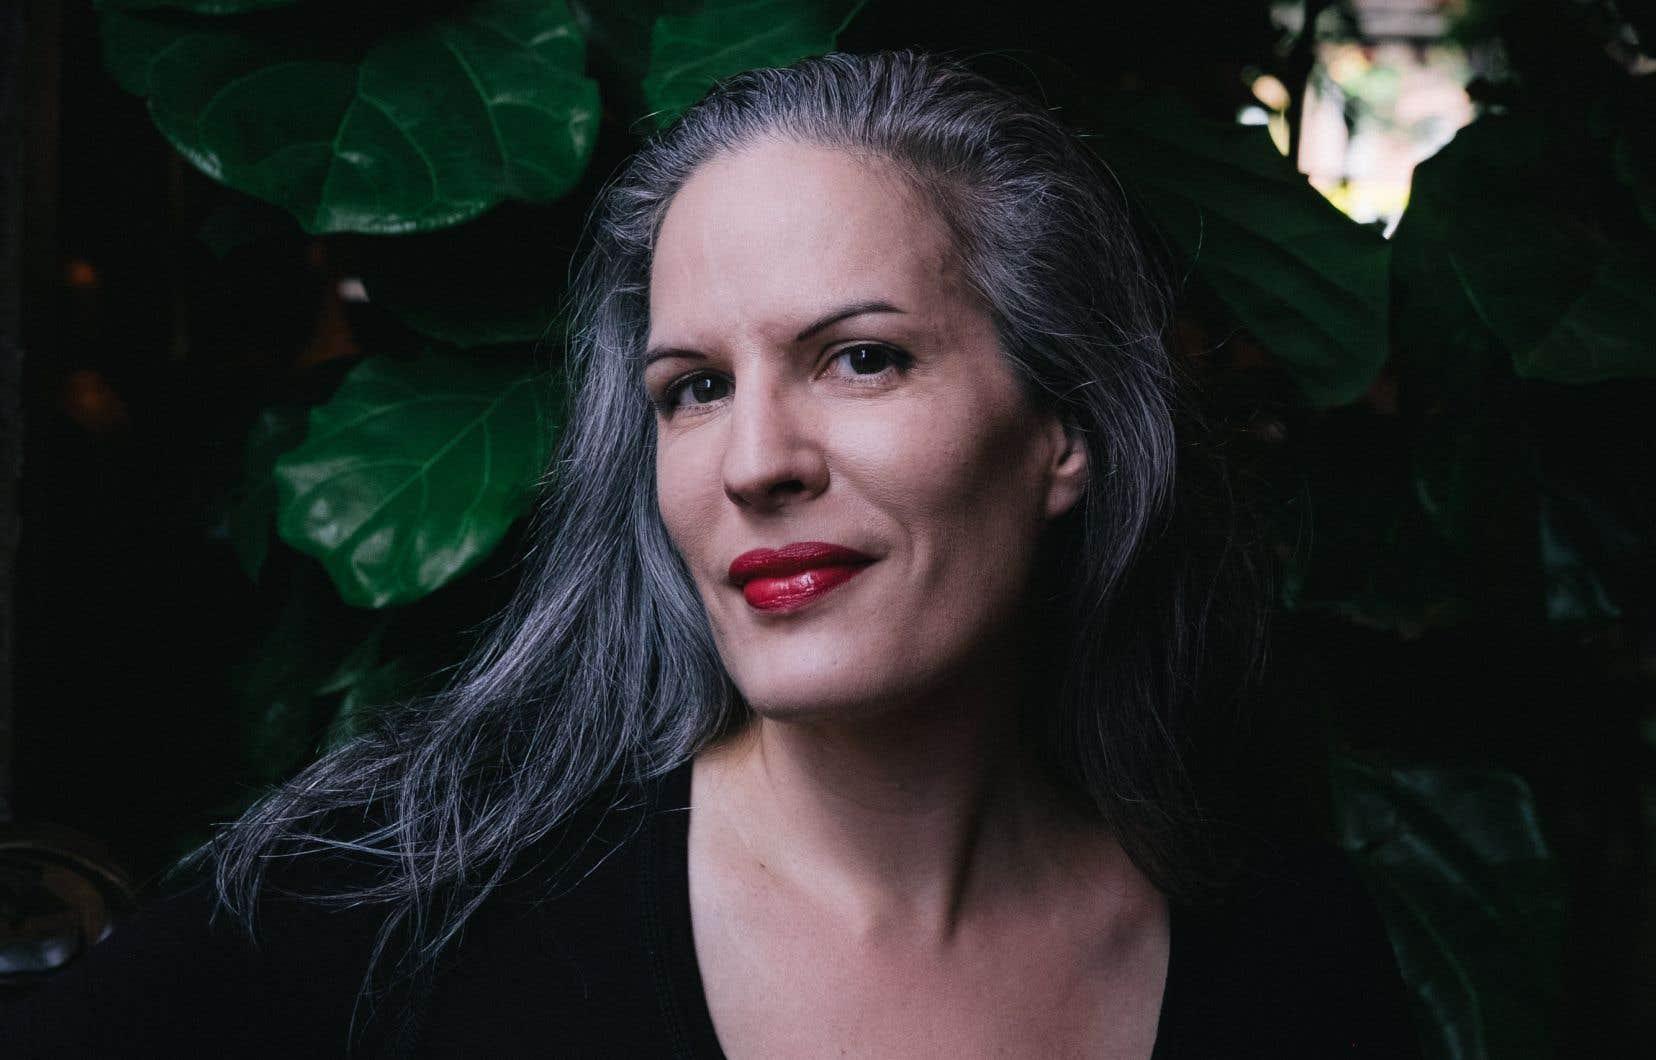 C'est au cœur de l'interdisciplinarité de sa démarche artistique que Karoline Georges trouve bien souvent l'équation nécessaire à la naissance d'une nouvelle œuvre.